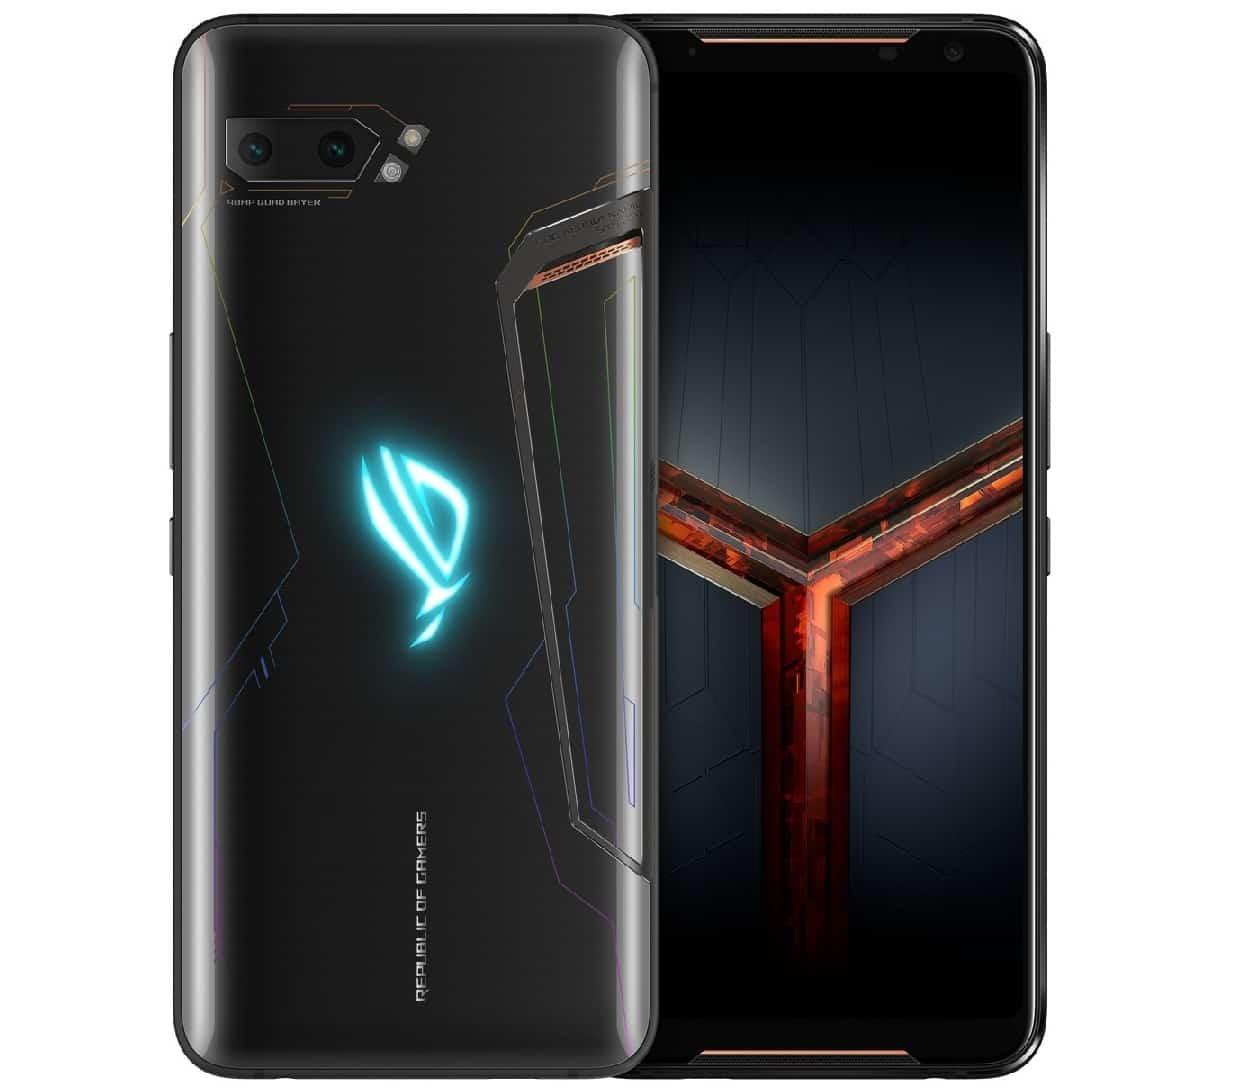 У меня новый игровой смартфон black shark от xiaomi. твой iphone тормоз